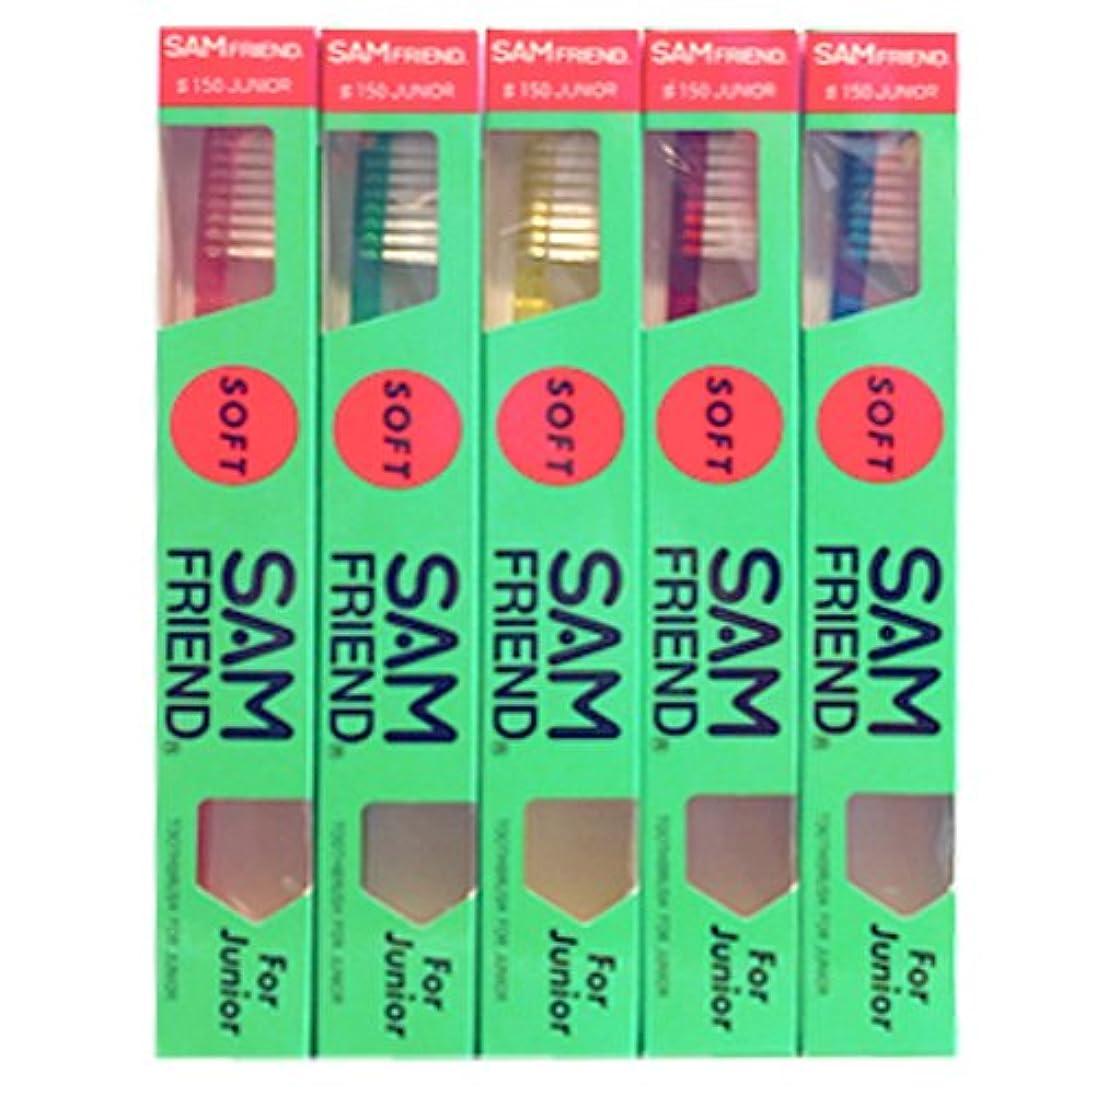 サムフレンド サムフレンド 歯ブラシ #150ジュニア 5色セット 6~12才用 歯並びが複雑で汚れやすい小さな口 ソフト